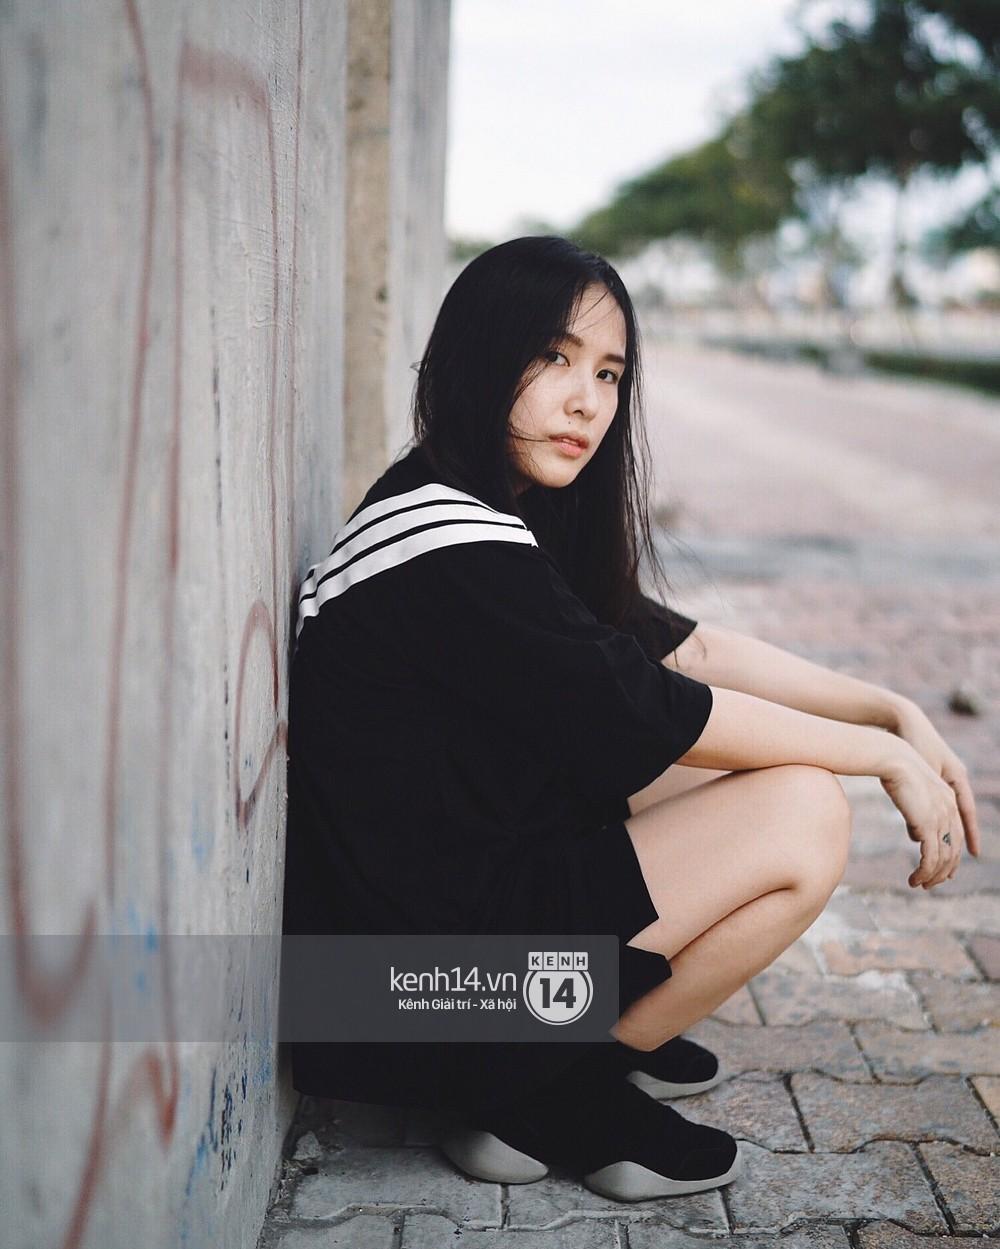 Gặp gỡ Trần Ngọc Hạnh Nhân - Nữ HypeBeast duy nhất của thế hệ 8x Việt - Ảnh 7.